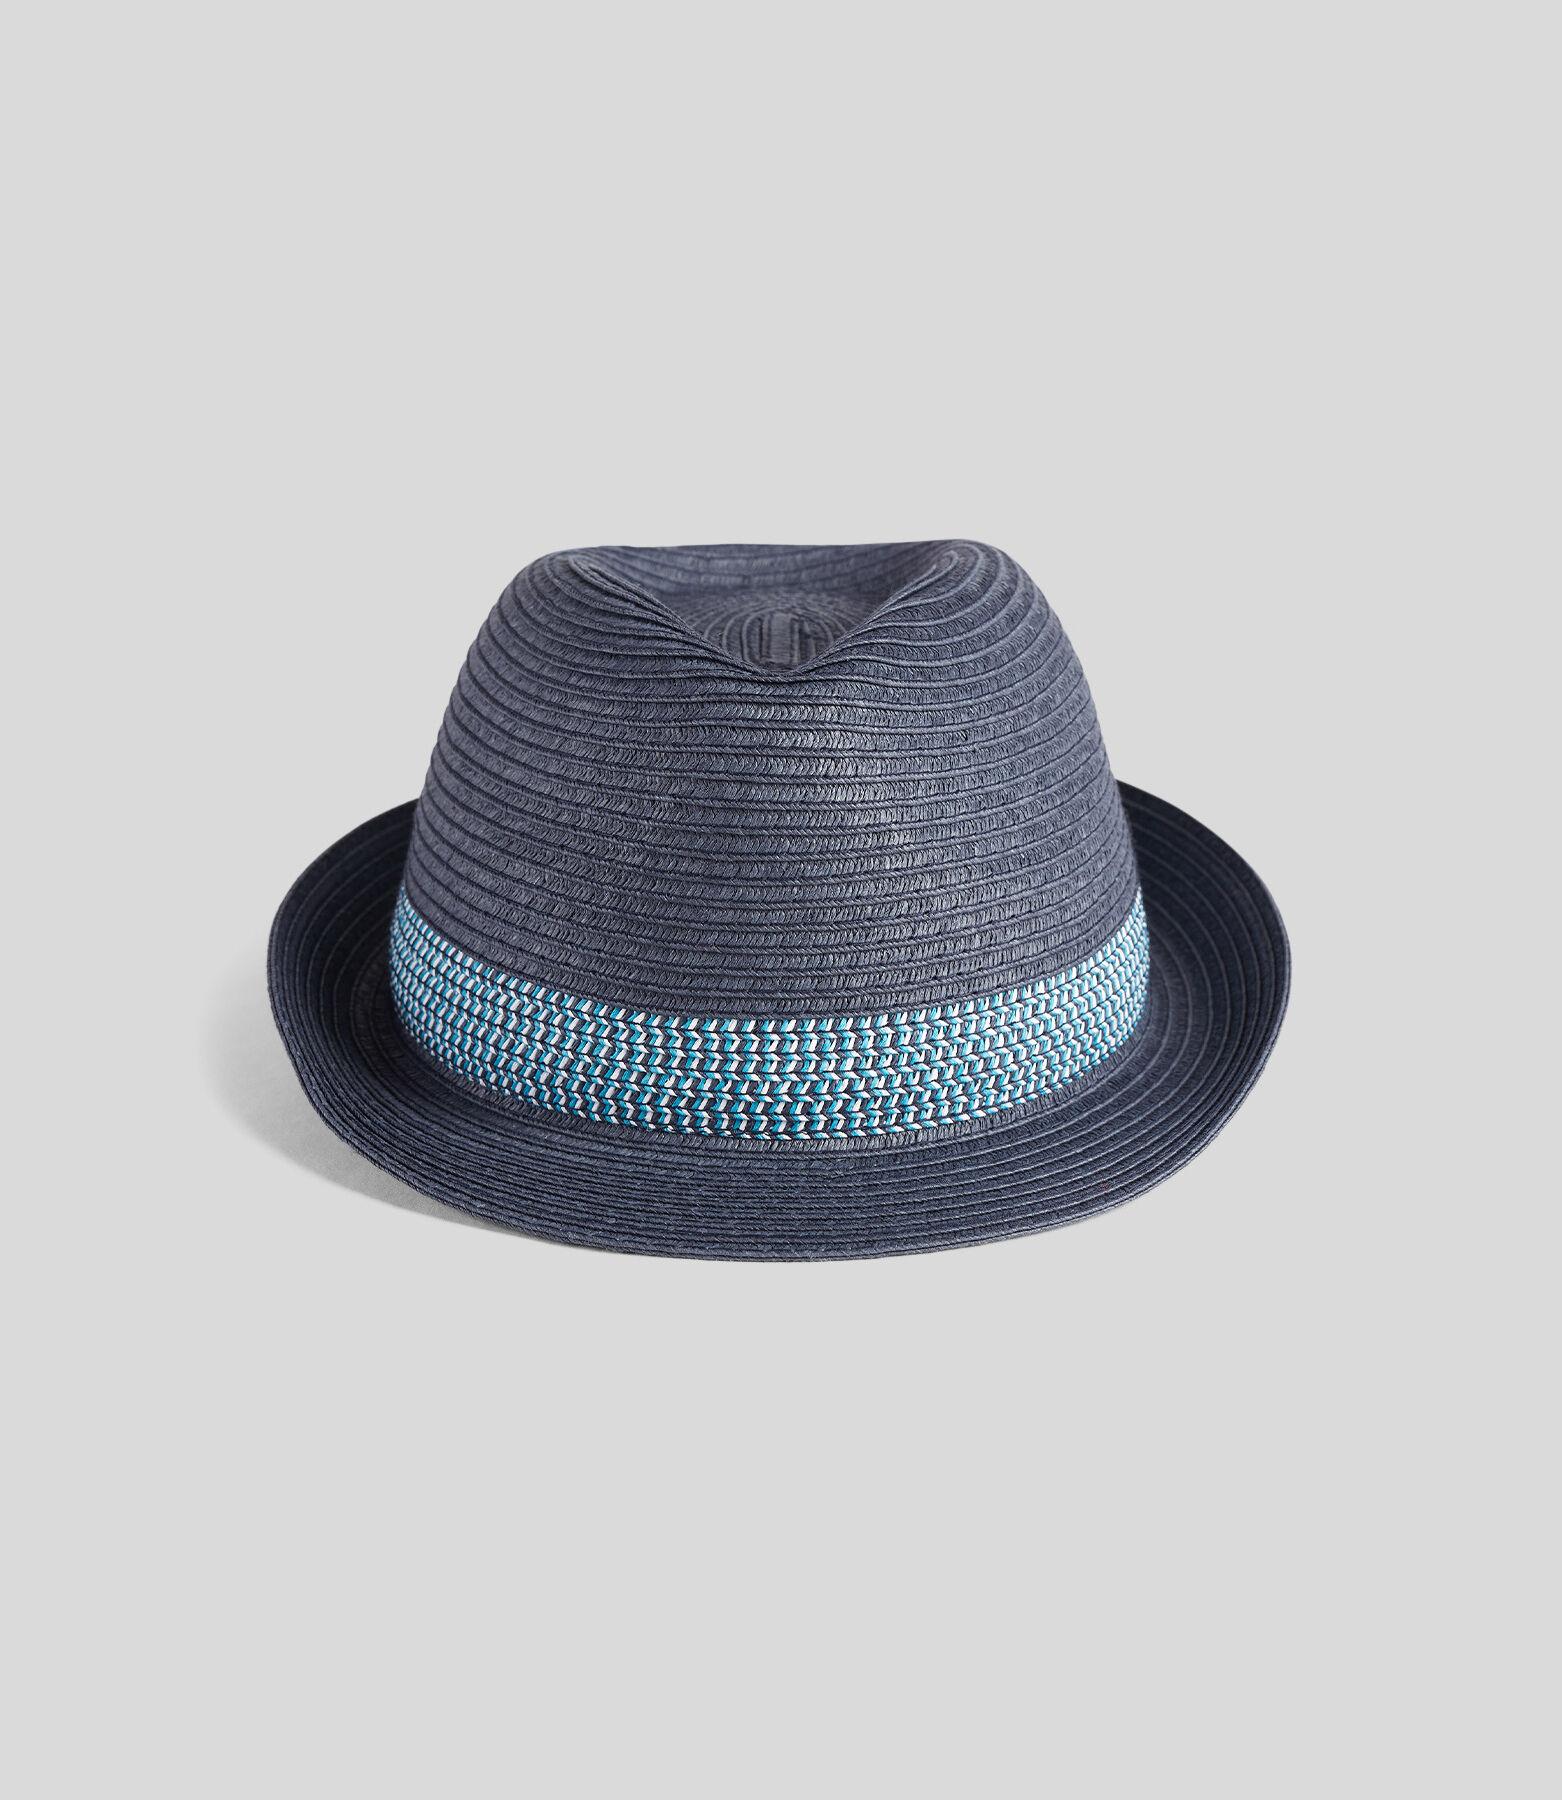 Chapeau de paille souple